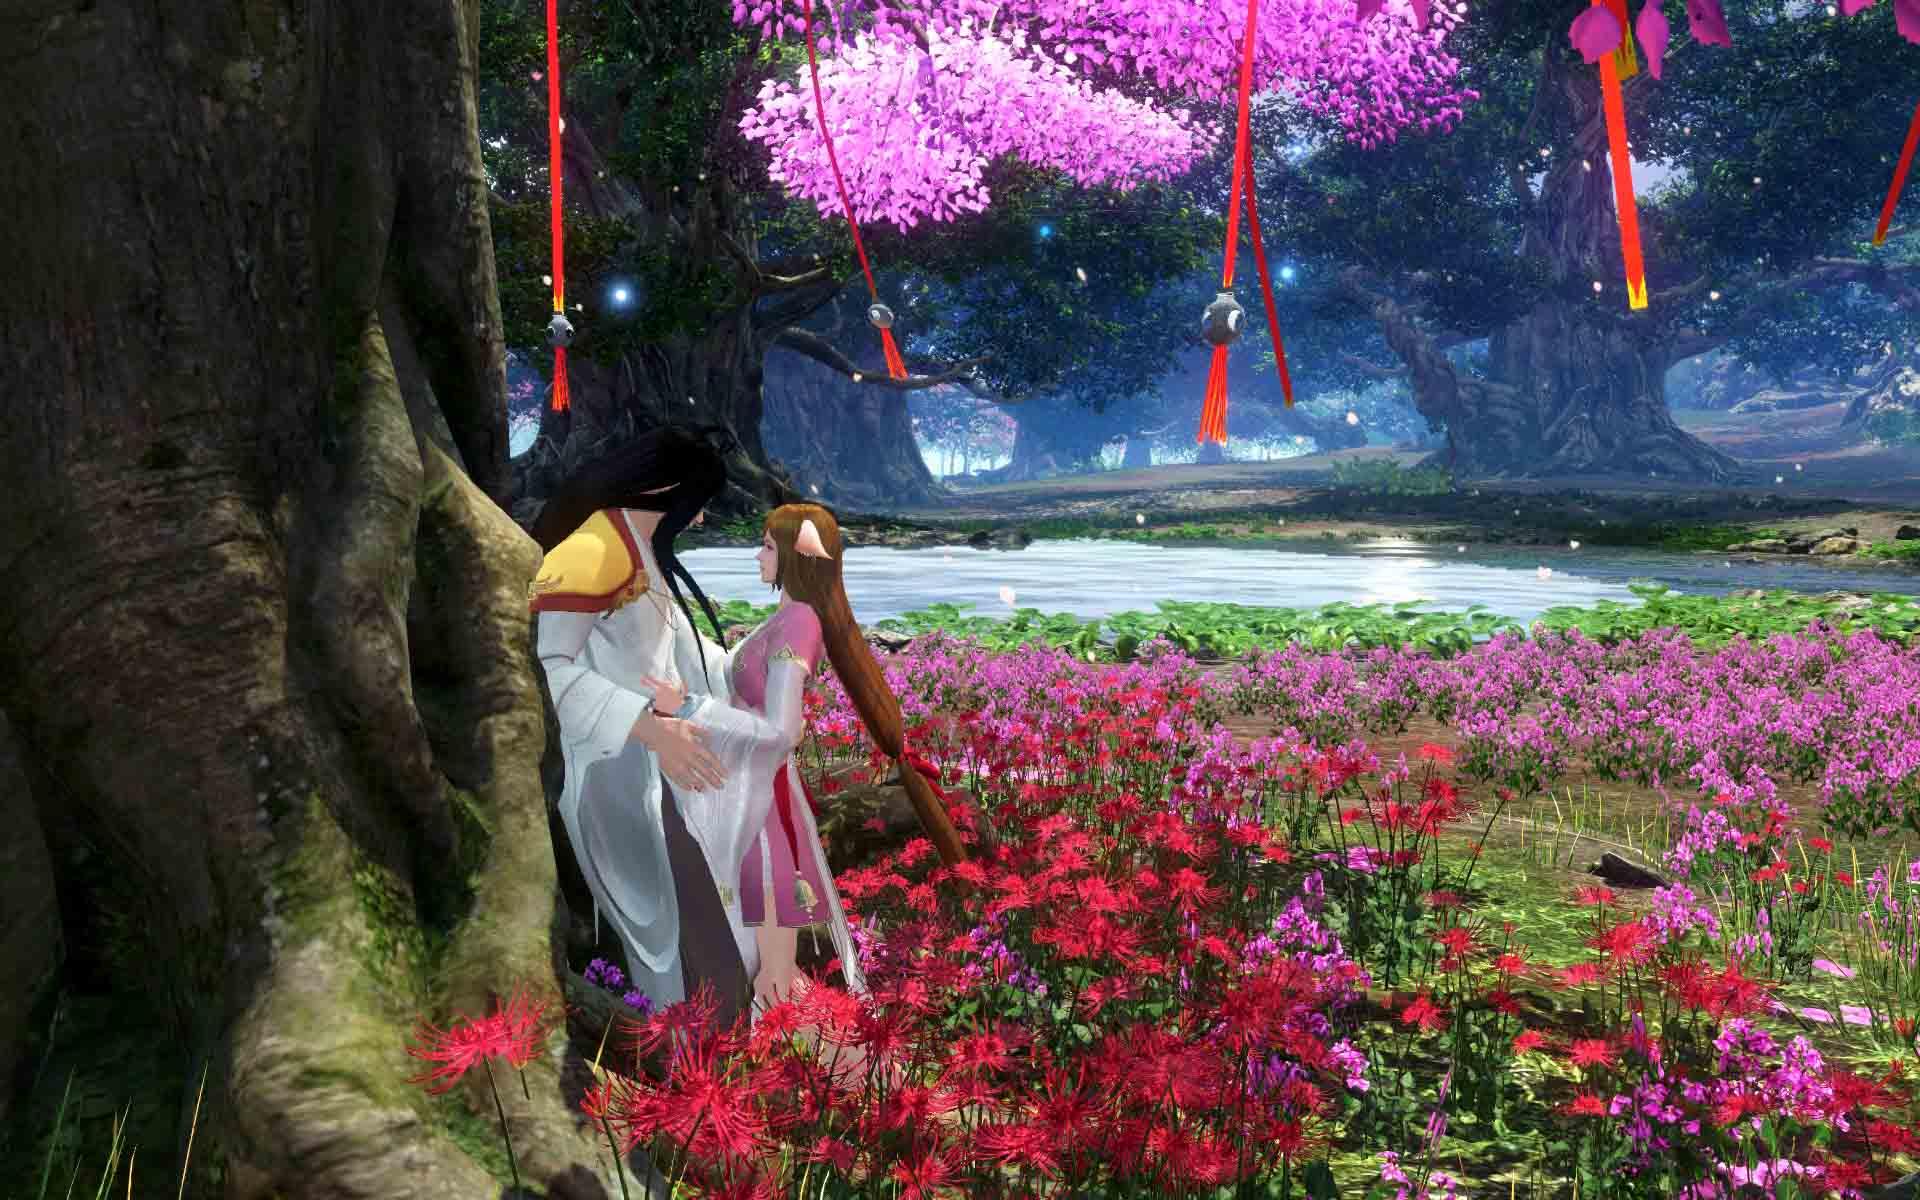 而现场这颗代表忠贞爱情的相思树也被移植到游戏中